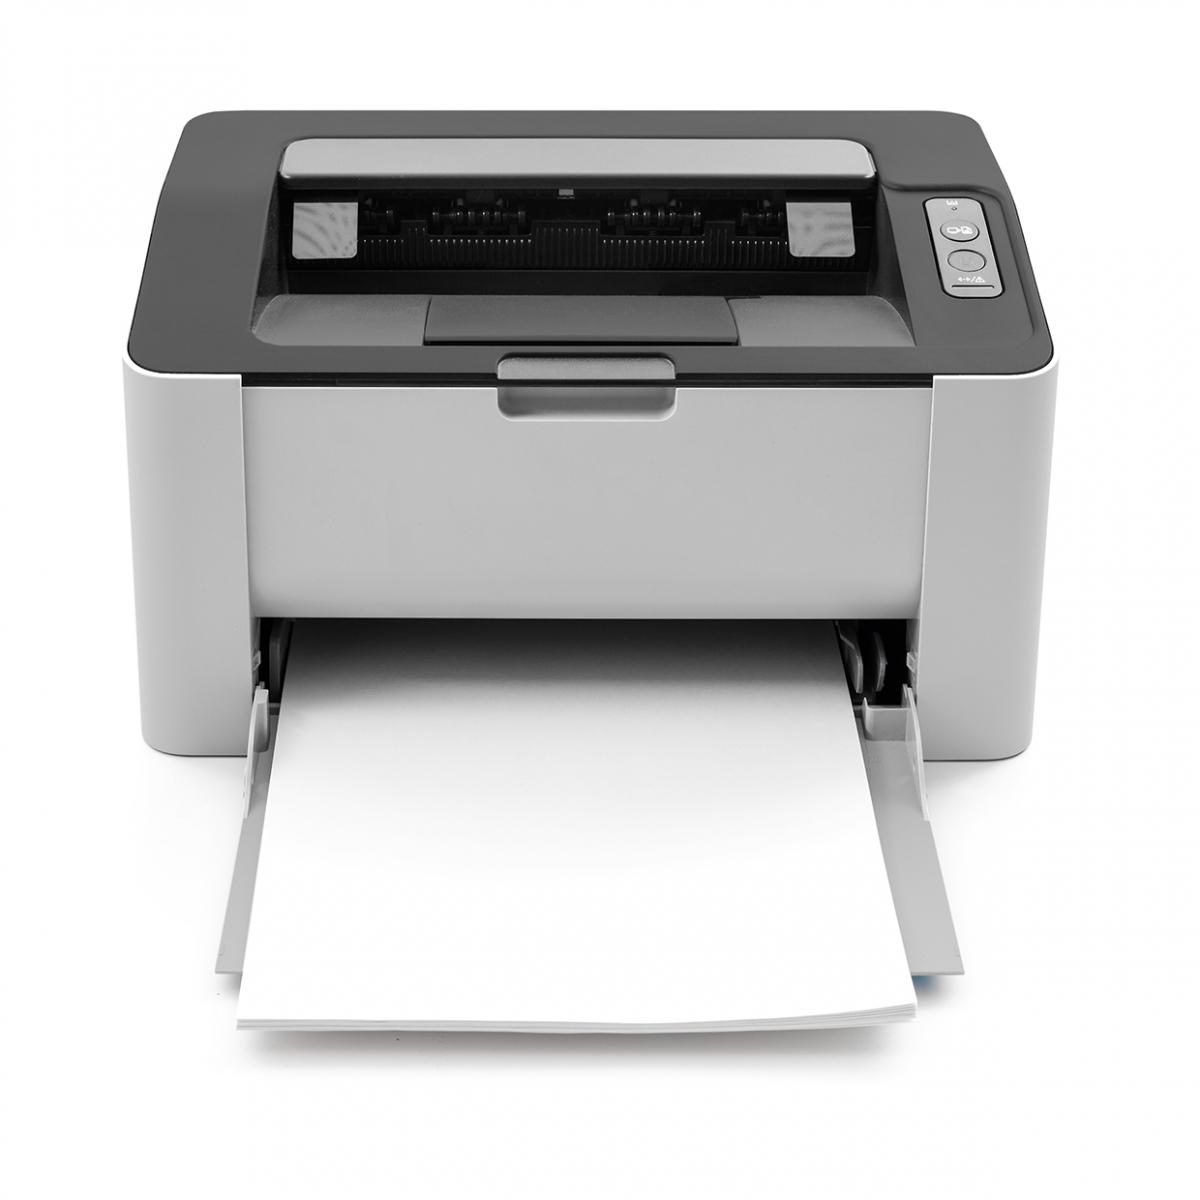 Imagen en la que se ve una impresora